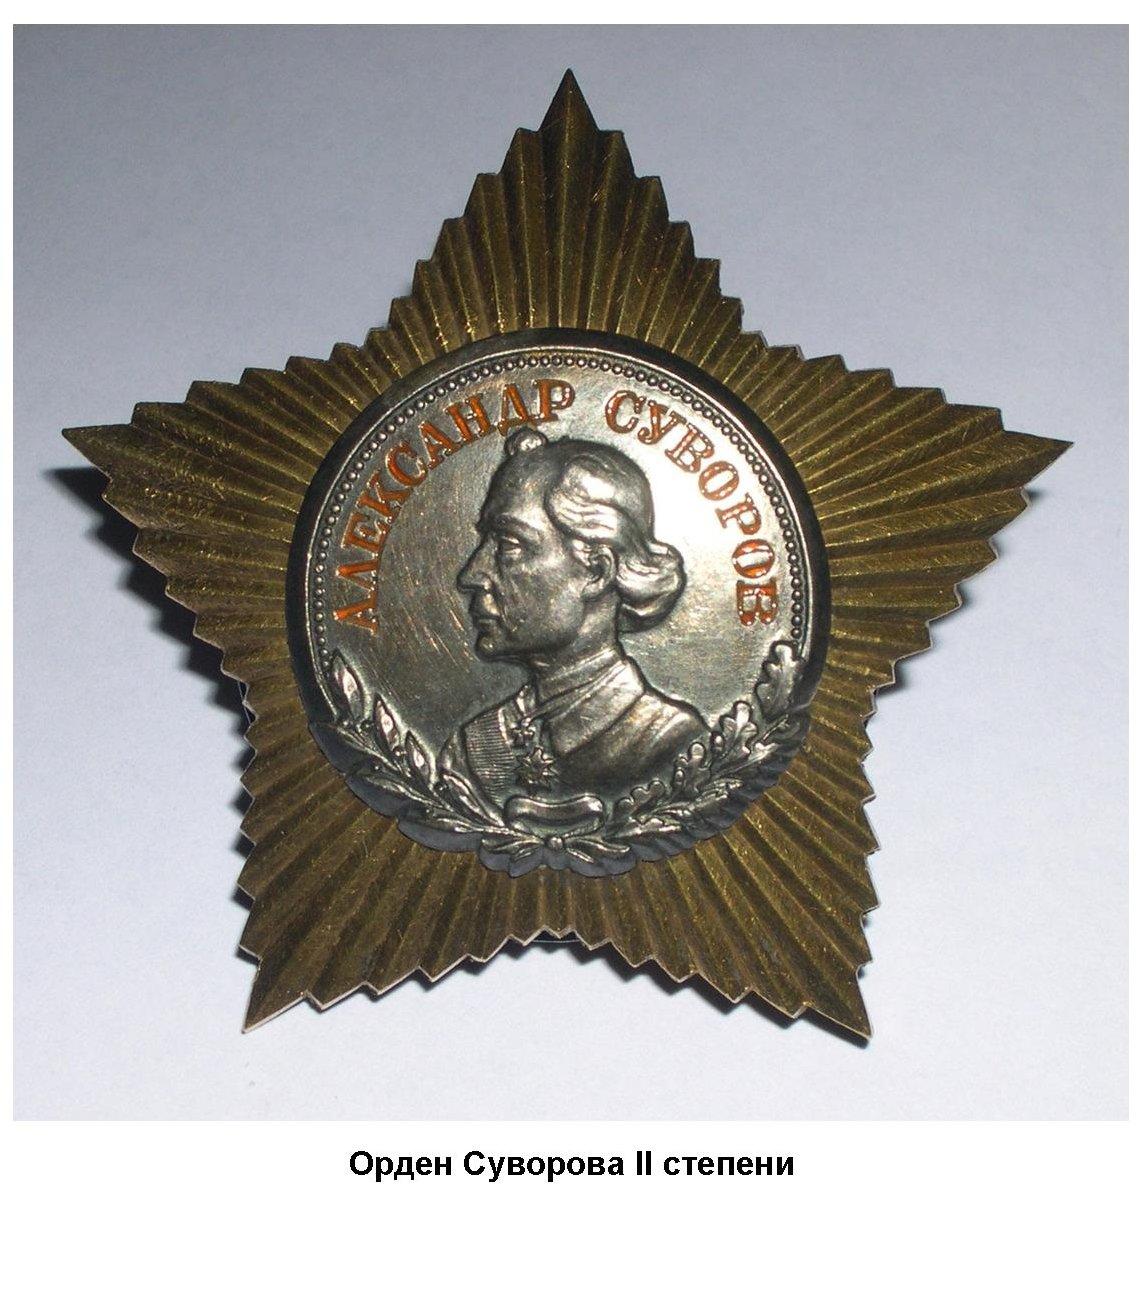 Награда, рожденная Великой Отечественной войной – орден Суворова